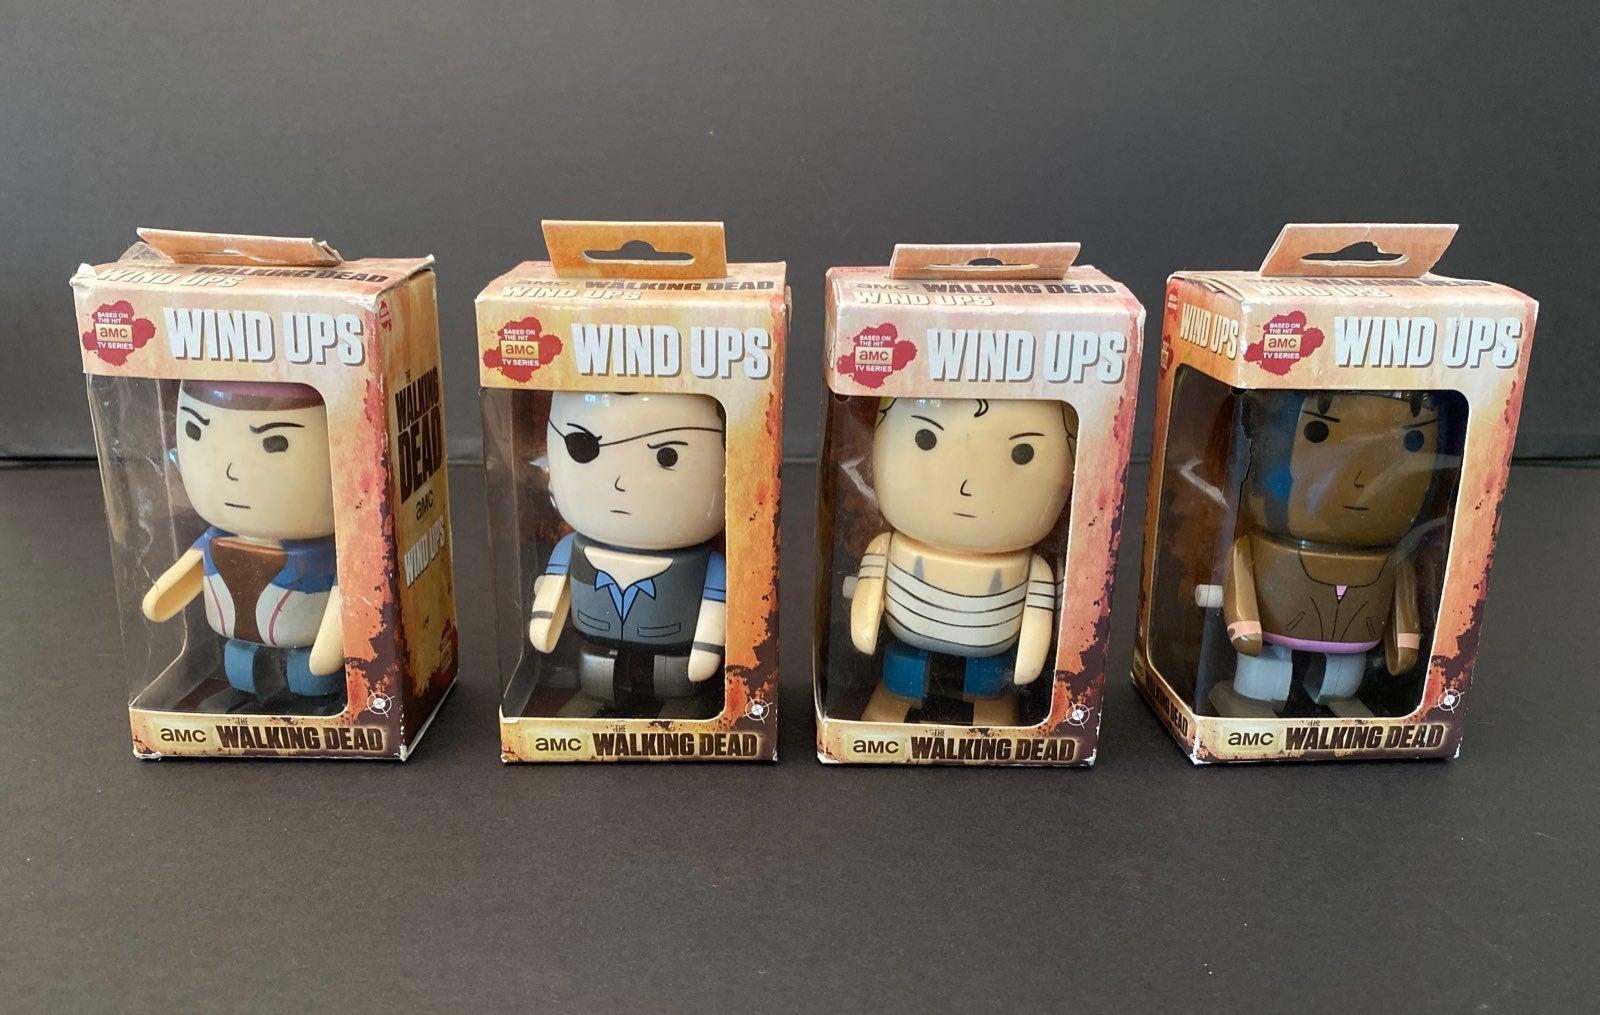 Walking Dead Wind Ups